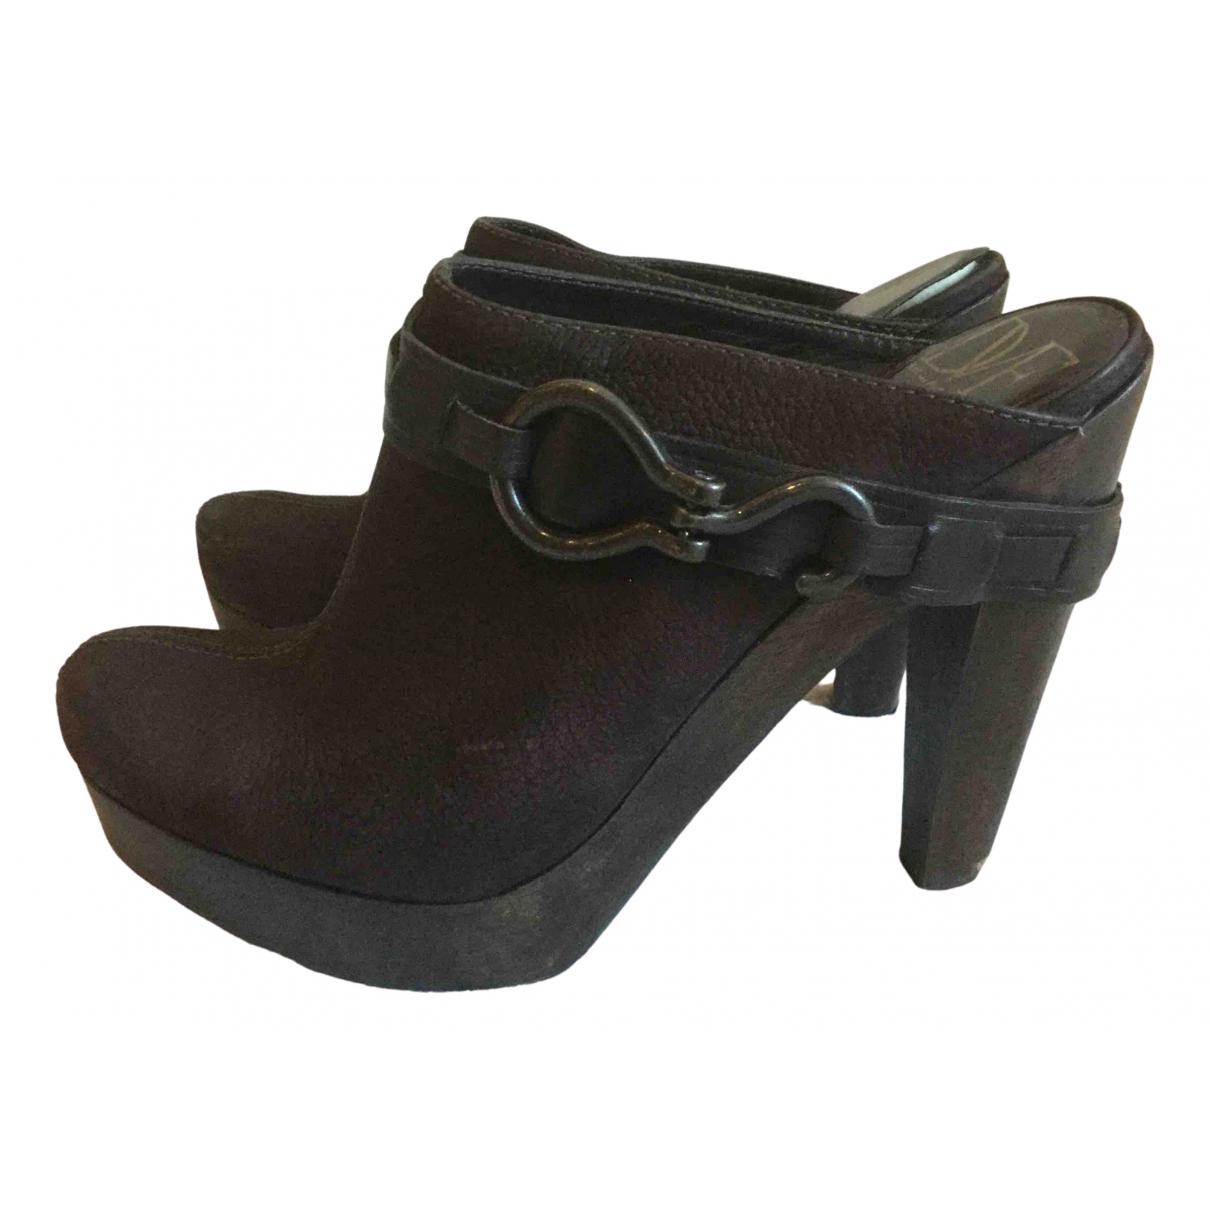 Diane Von Furstenberg N Brown Suede Mules & Clogs for Women 8.5 US